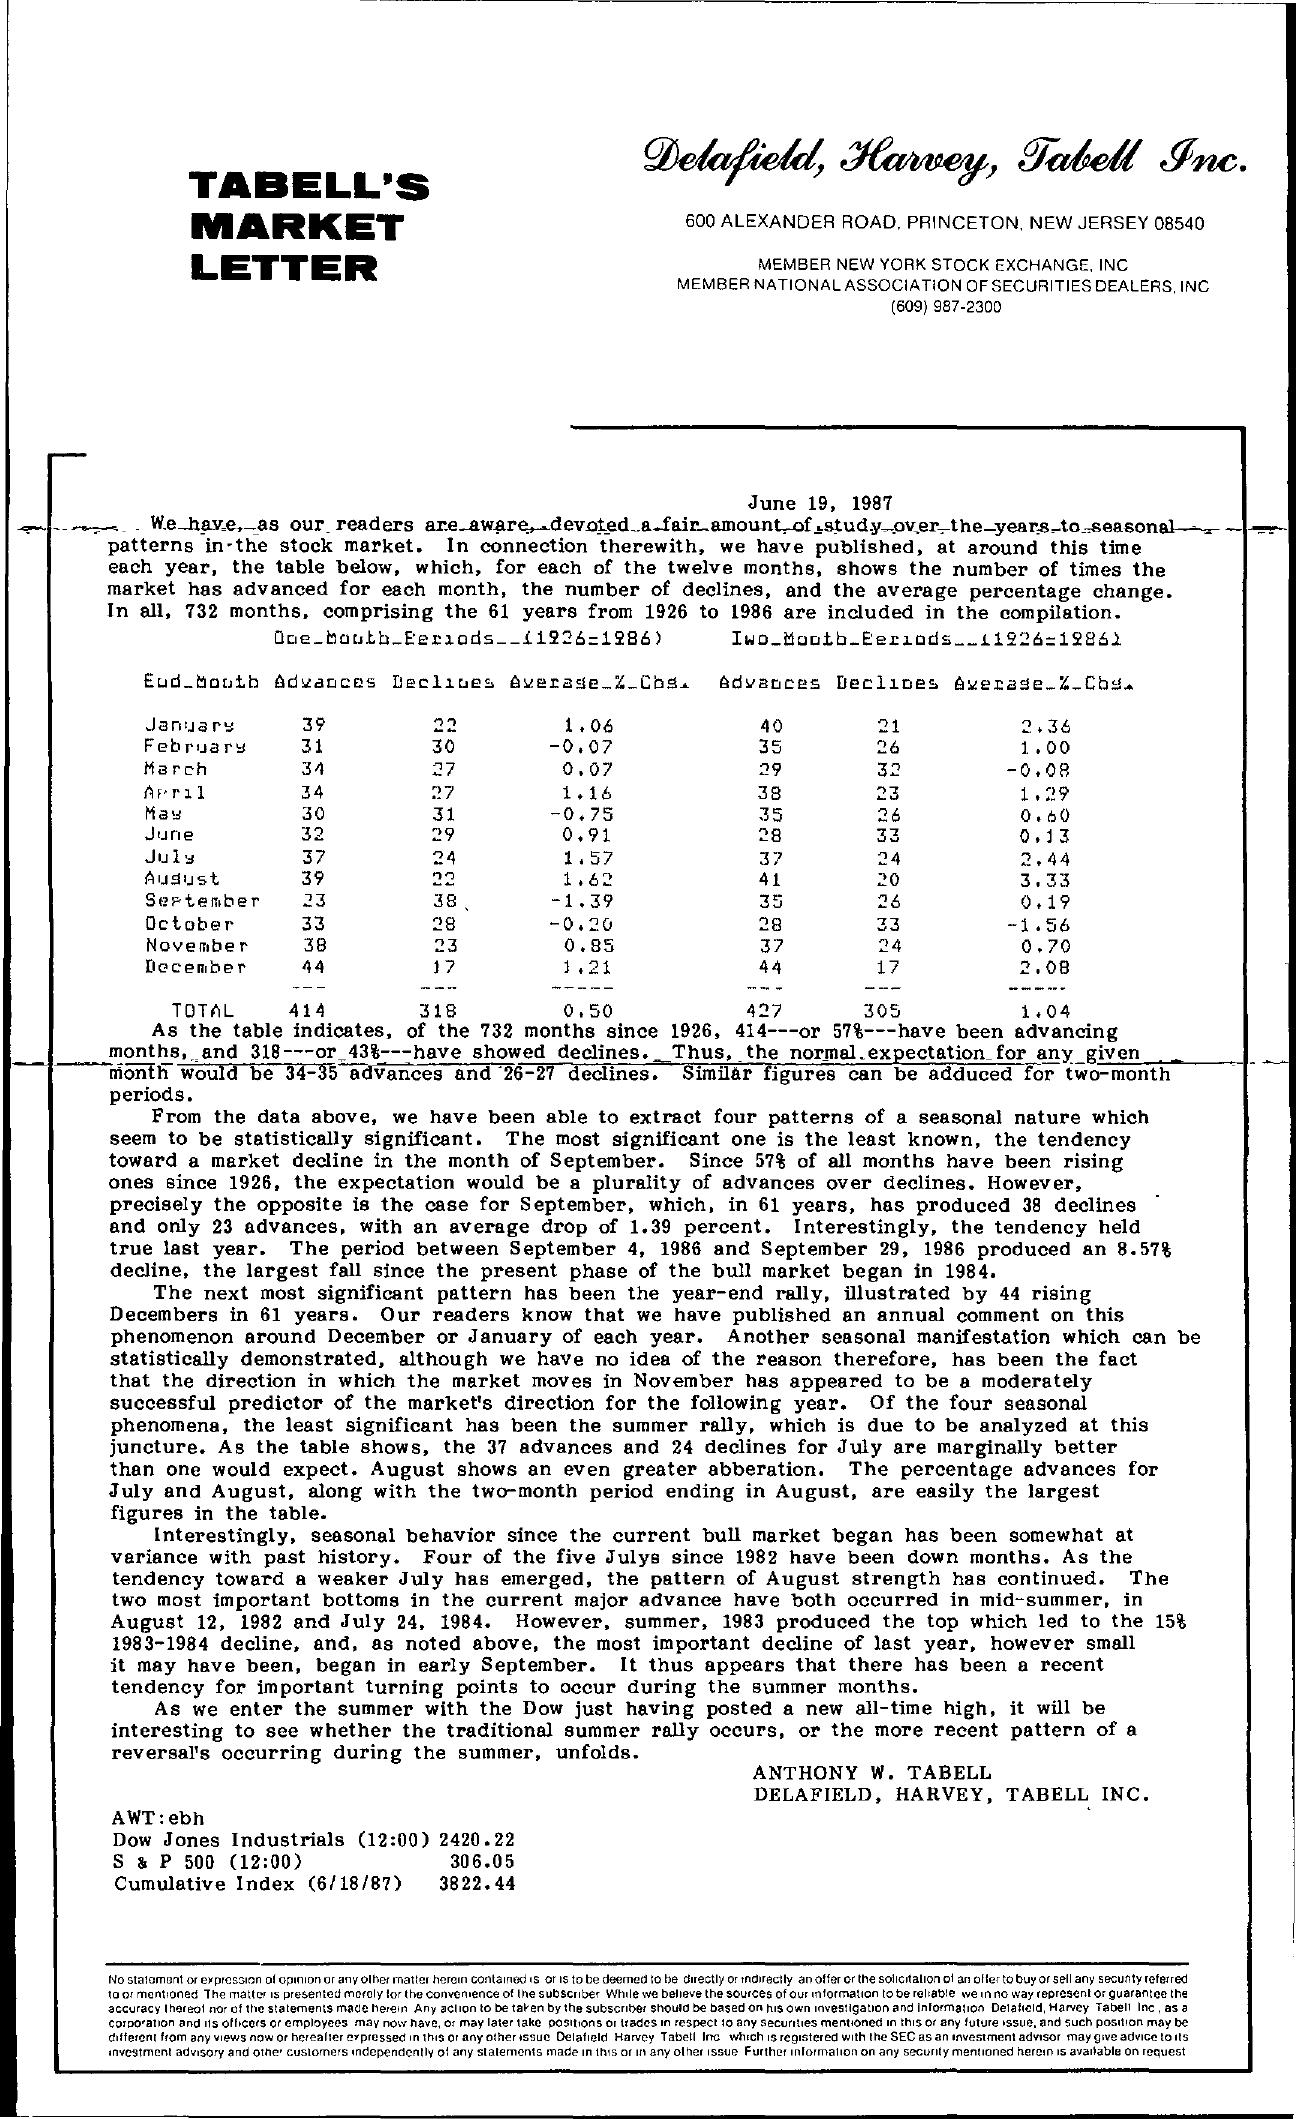 Tabell's Market Letter - June 19, 1987